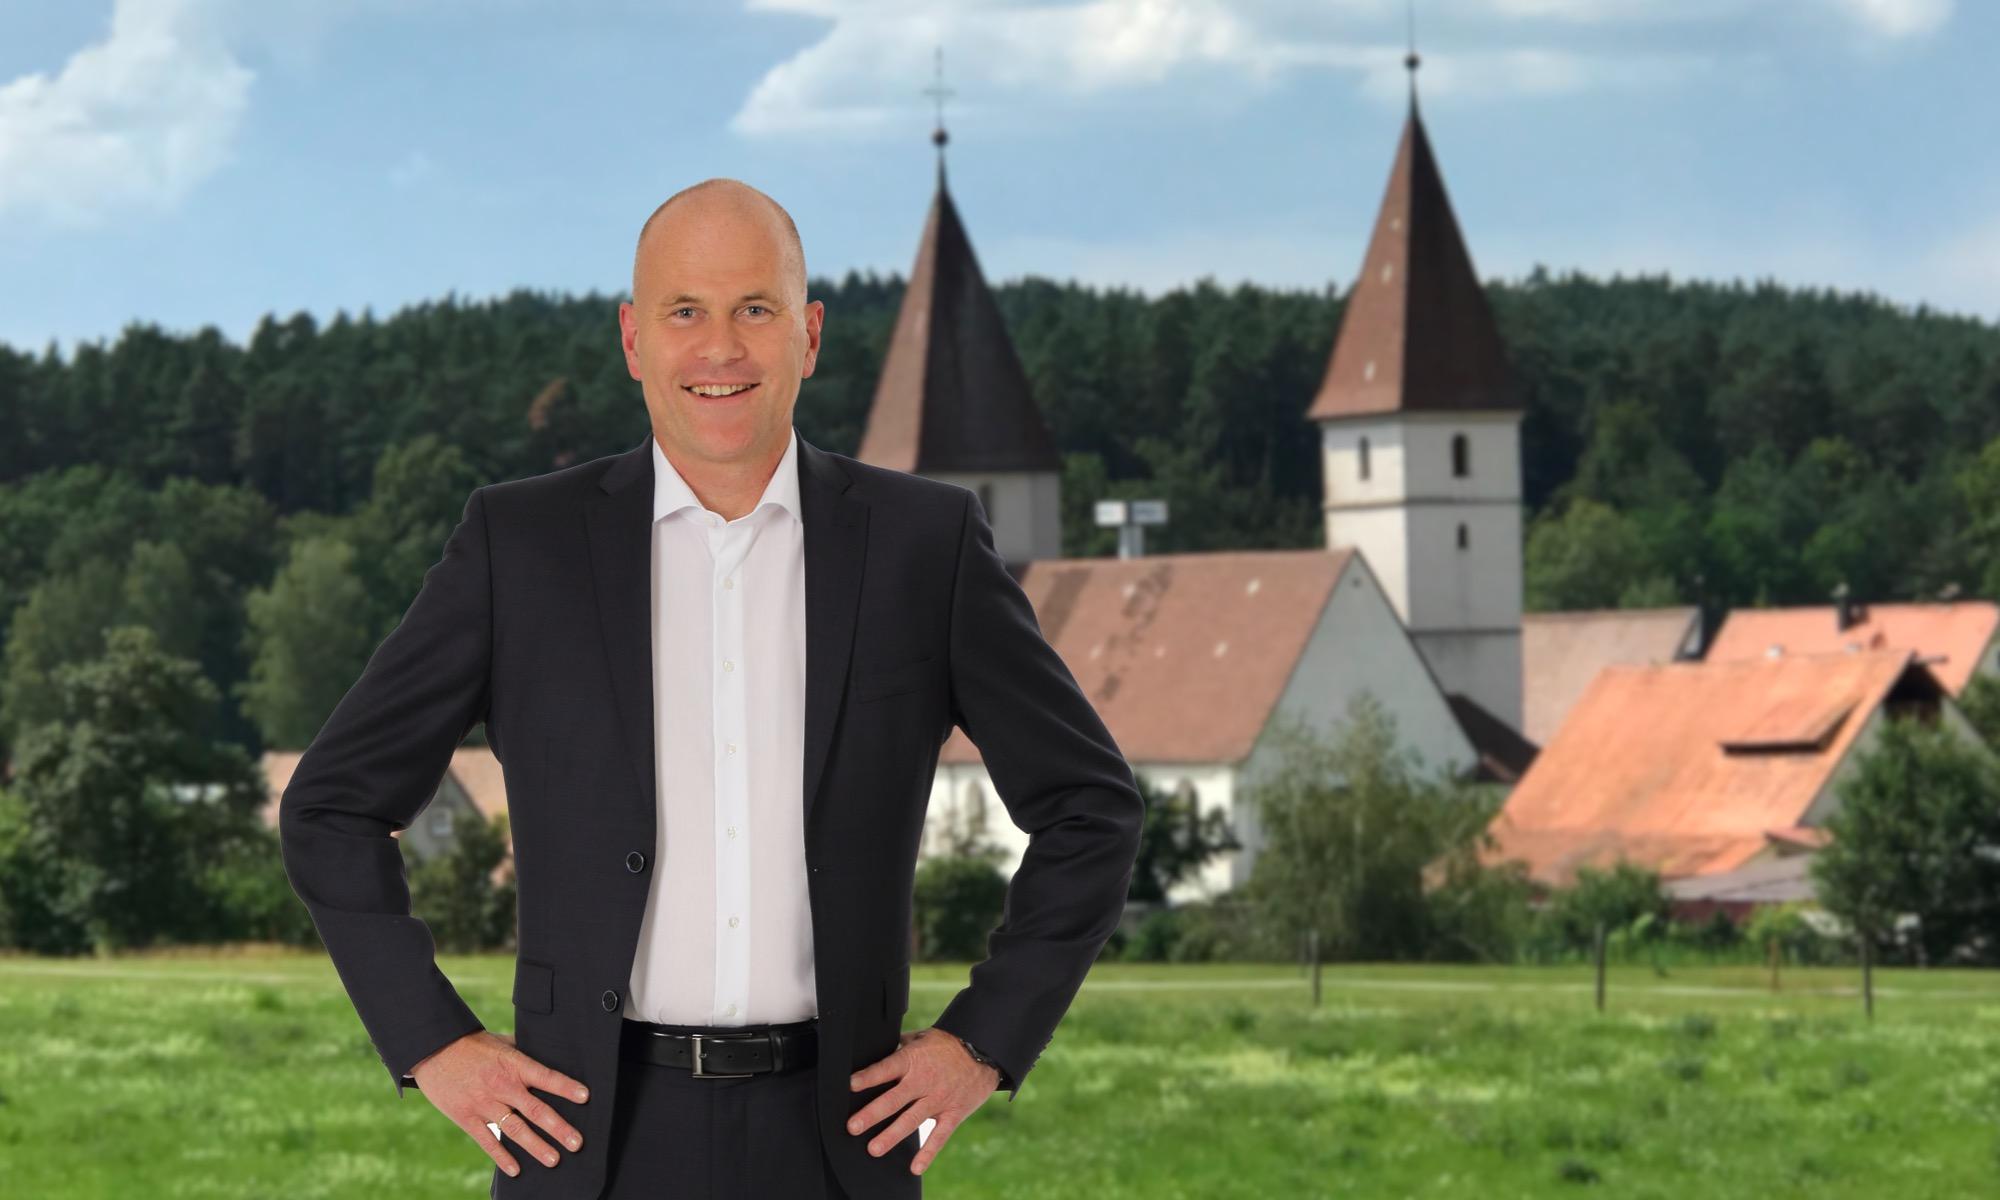 Jens Fankhänel